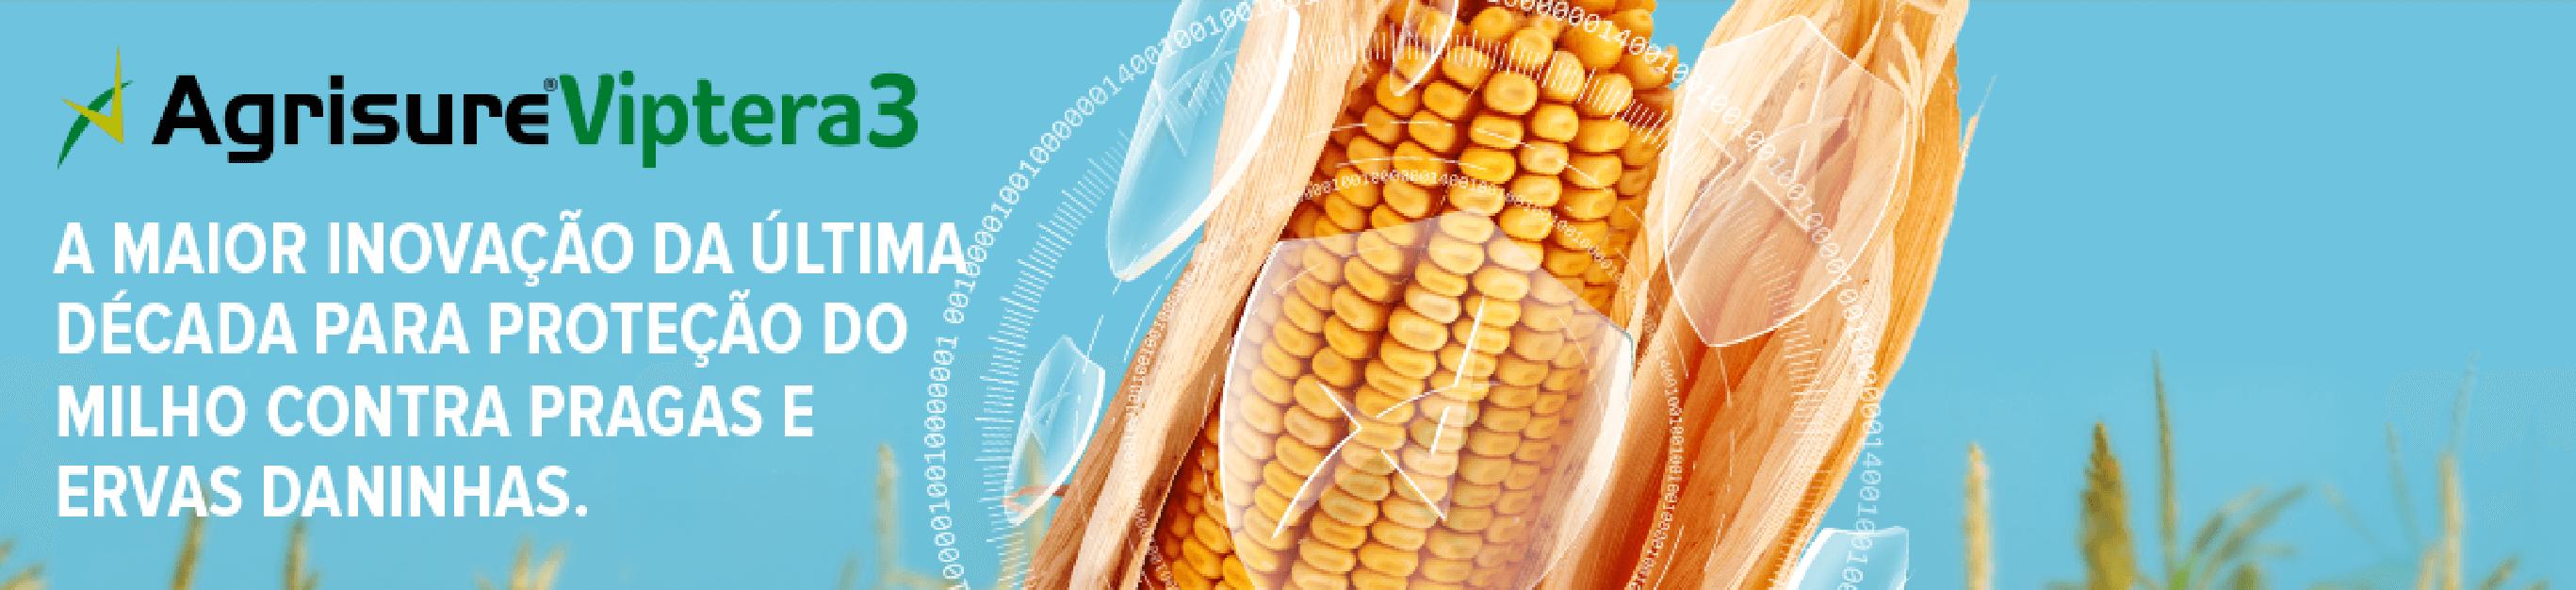 AgrisureViptera3. A maior inovação da última década para proteção do milho jcontra pragas e ervas daninhas.